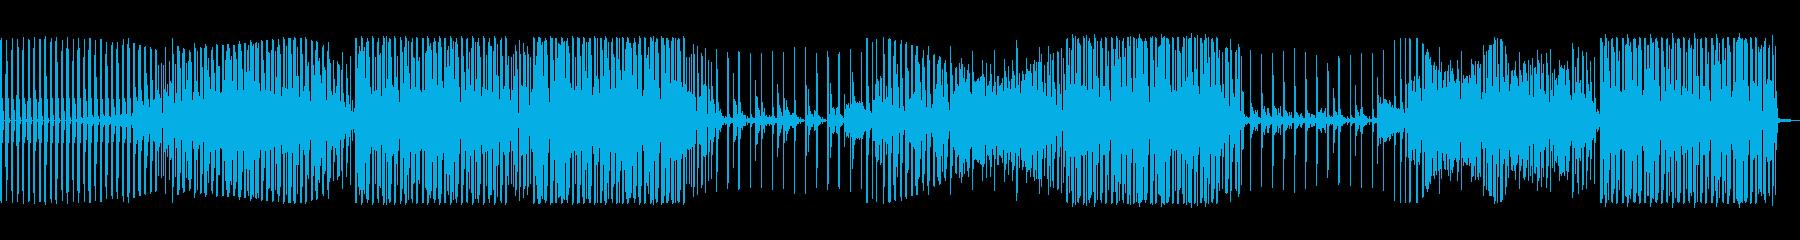 かっこいいベースのハウスミュージックの再生済みの波形